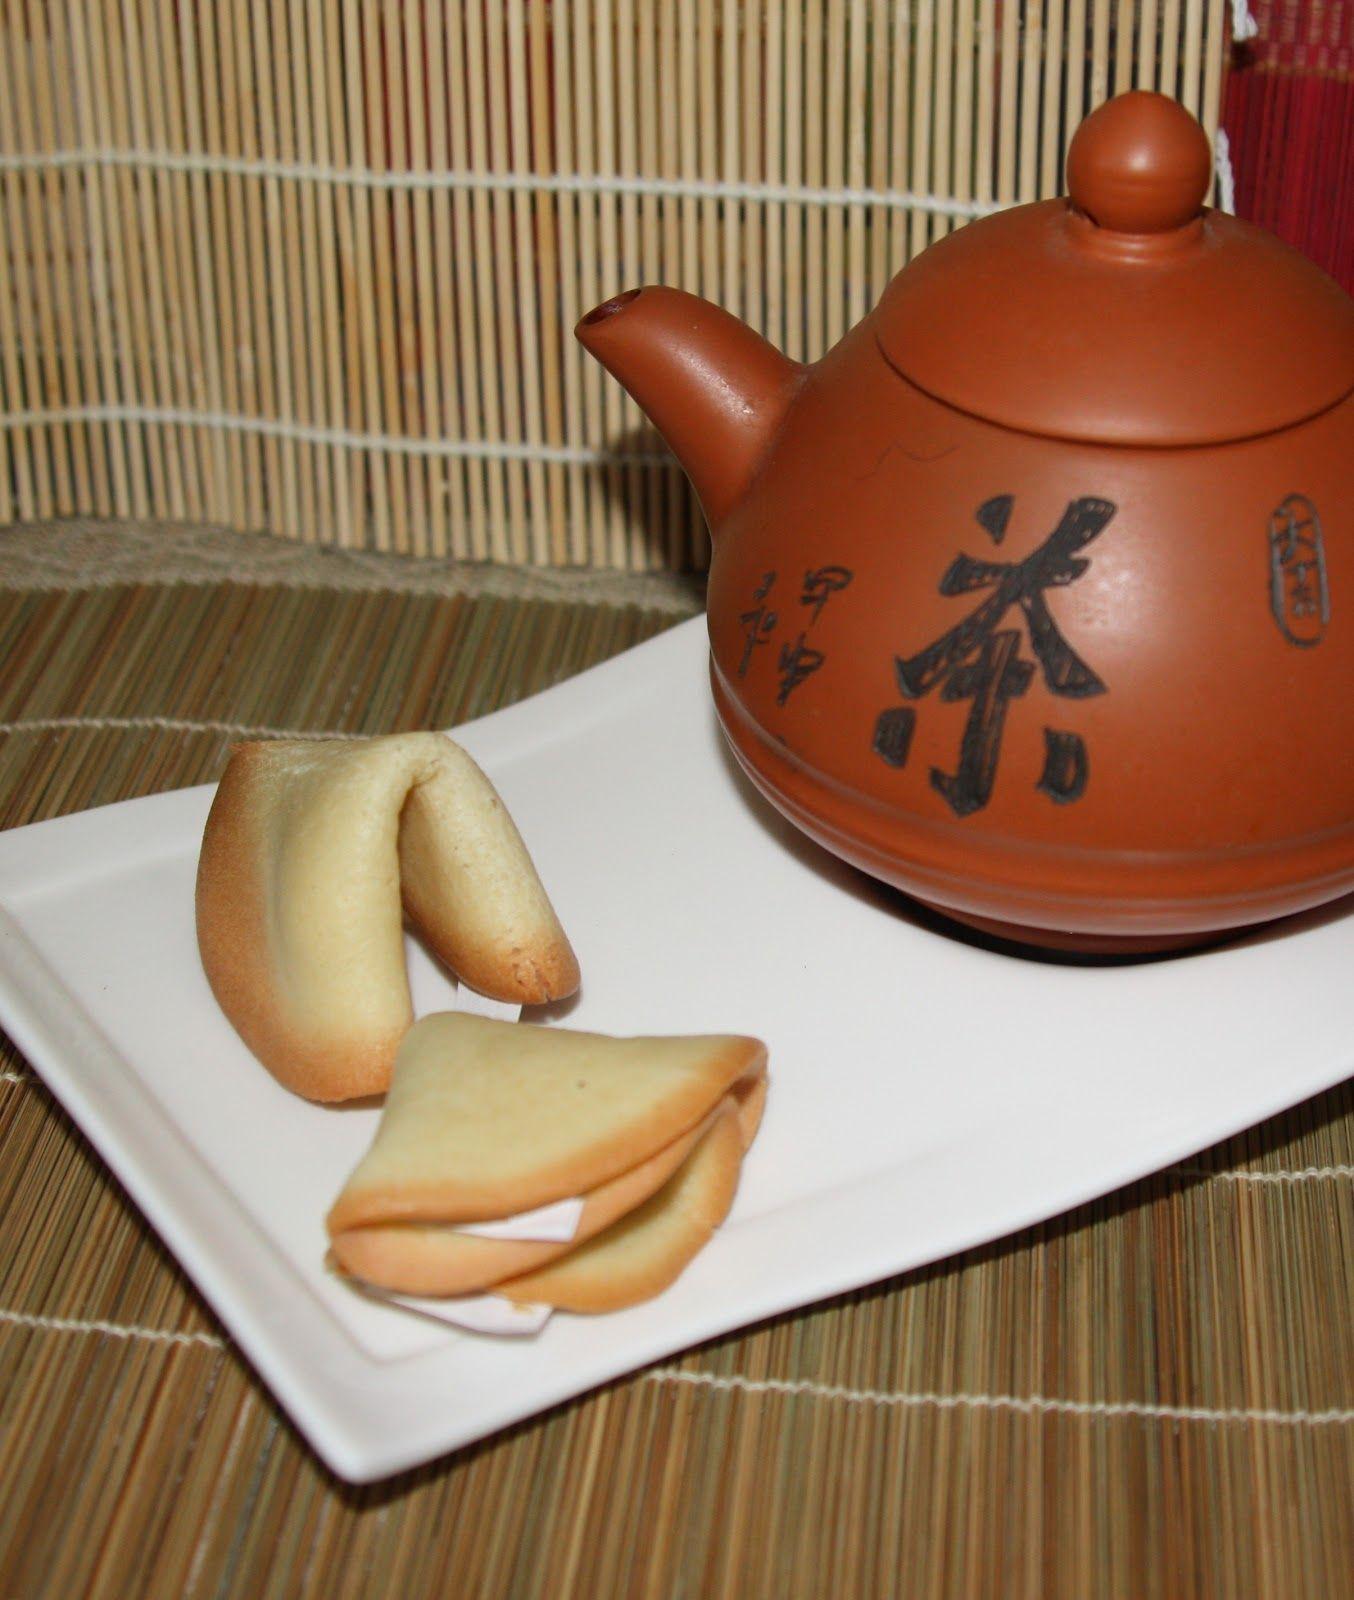 крупного плана китайское печенье с пожеланиями откуда появилось немного